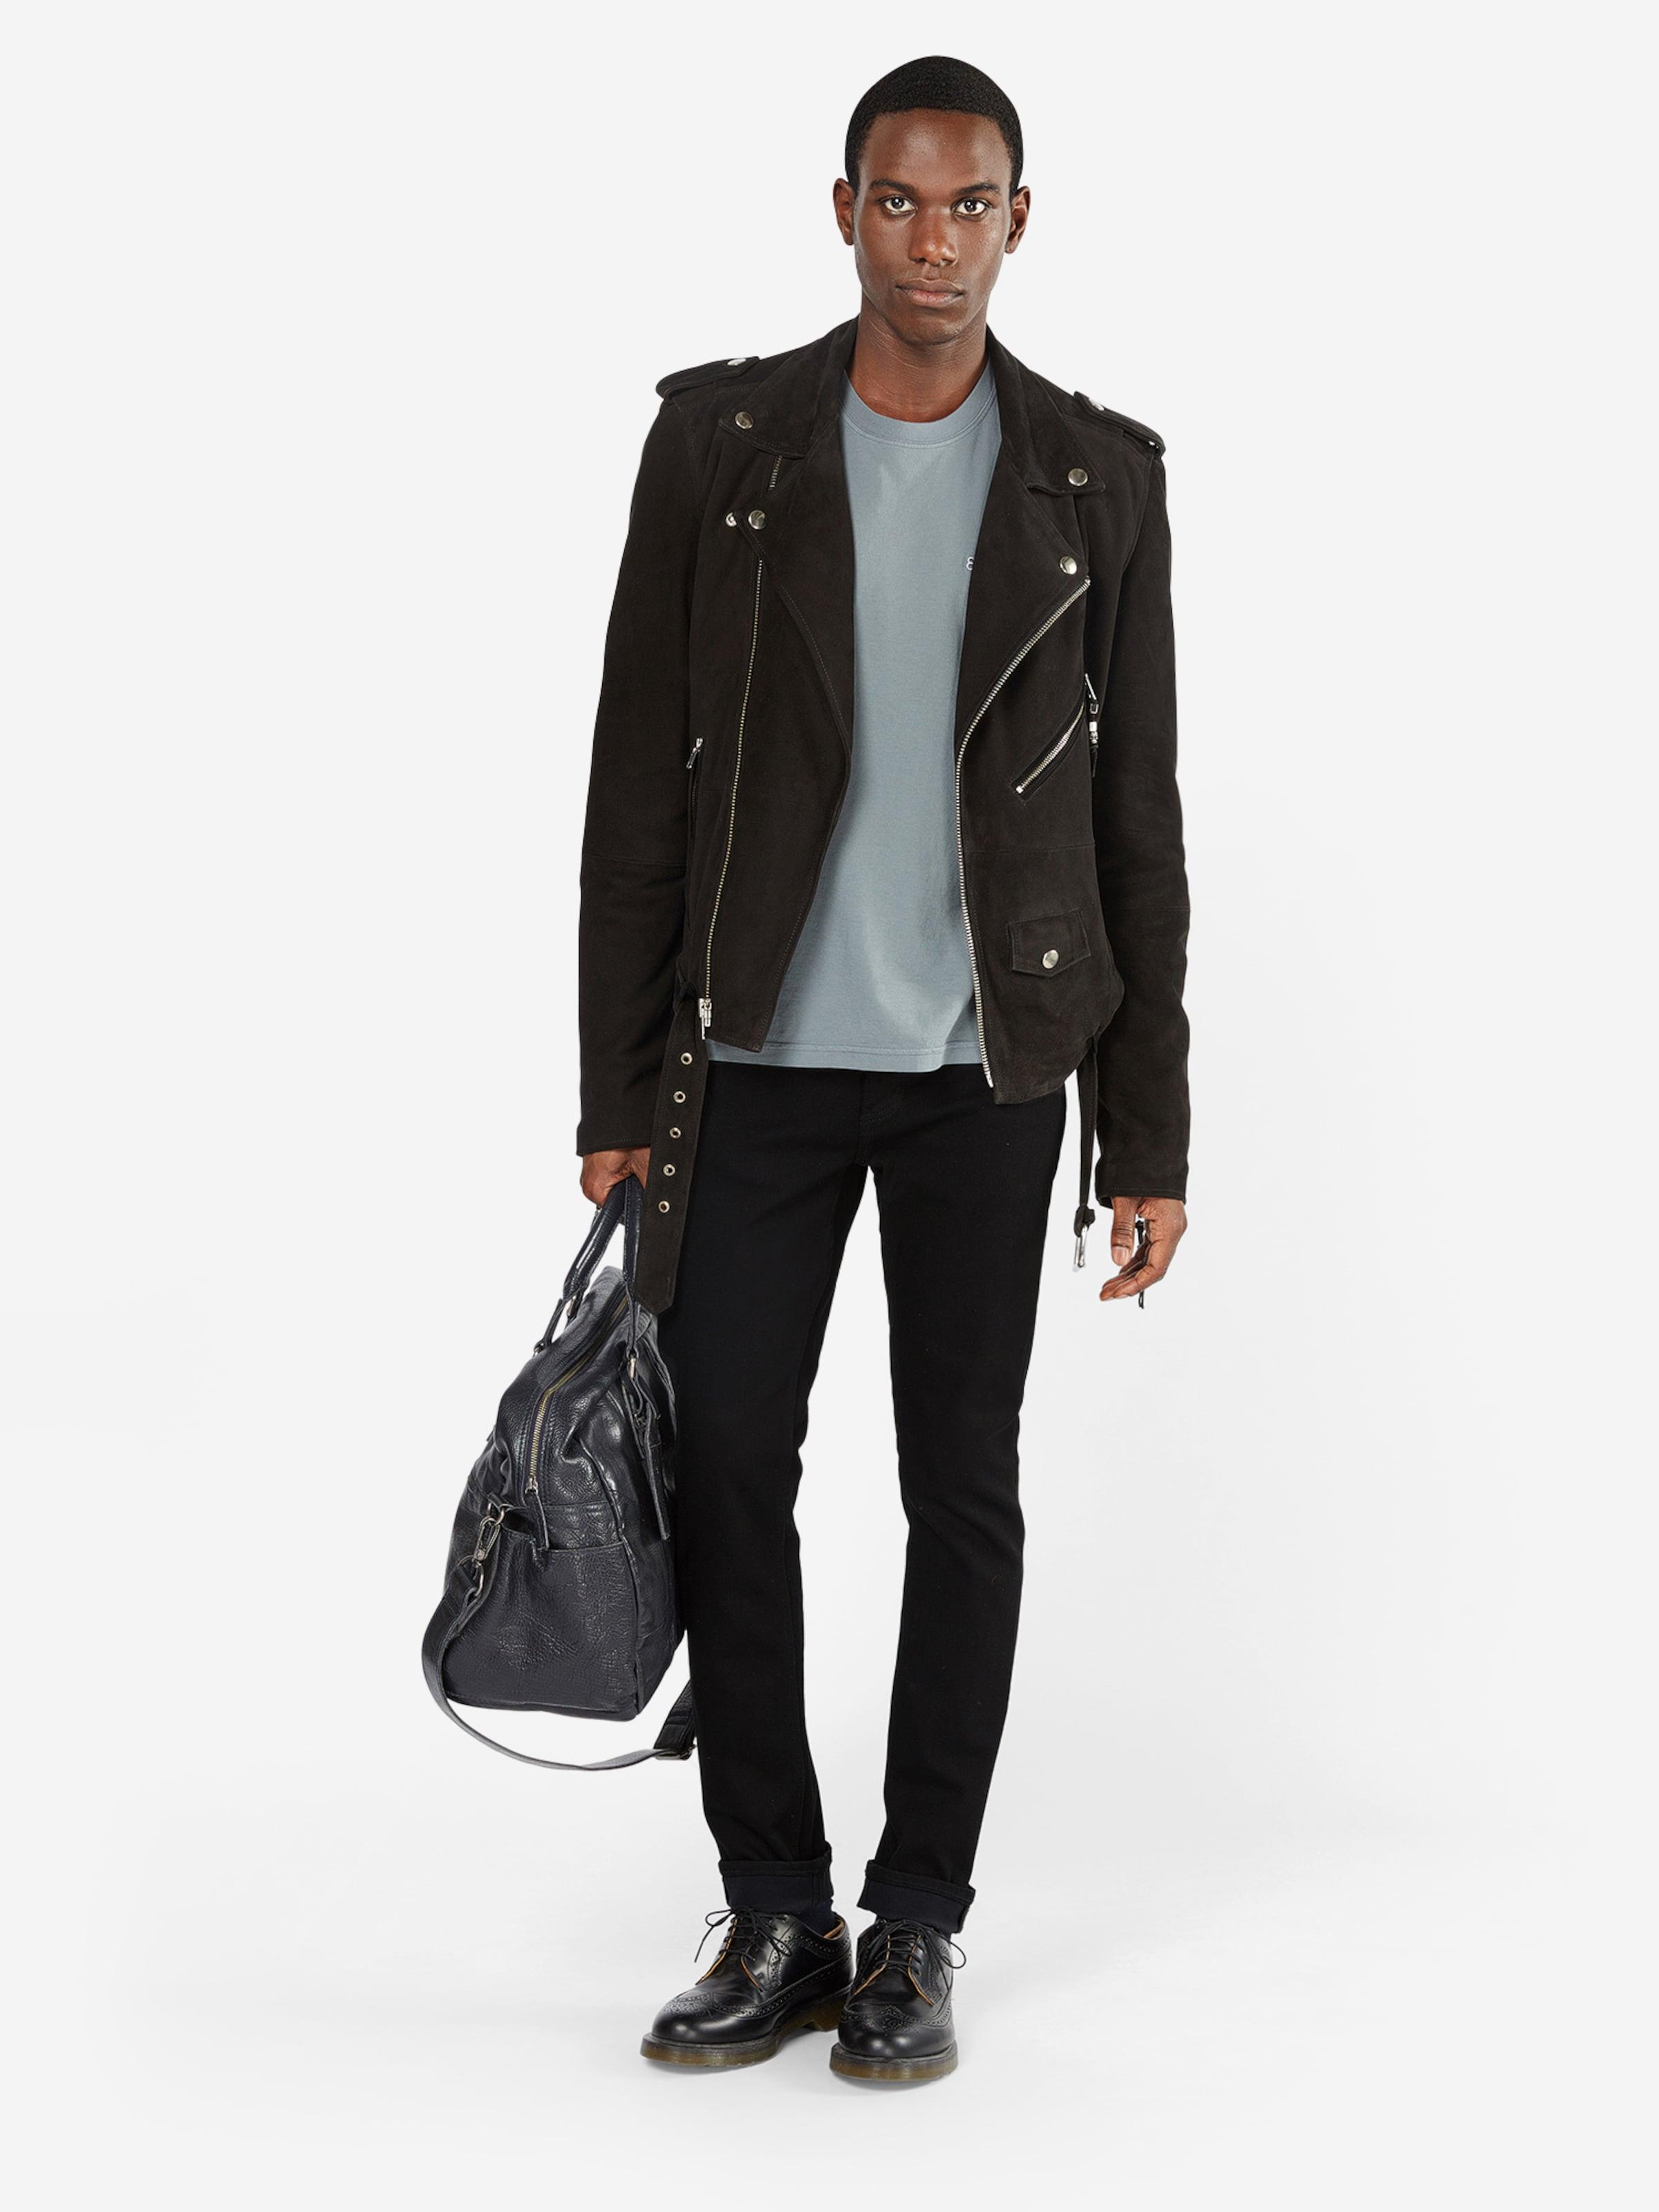 Kaufen Billig Kaufen DENHAM Jeans 'Bolt' Versorgung Günstiger Preis Sammlungen Zum Verkauf Billig Einkaufen yoZY0cU54M